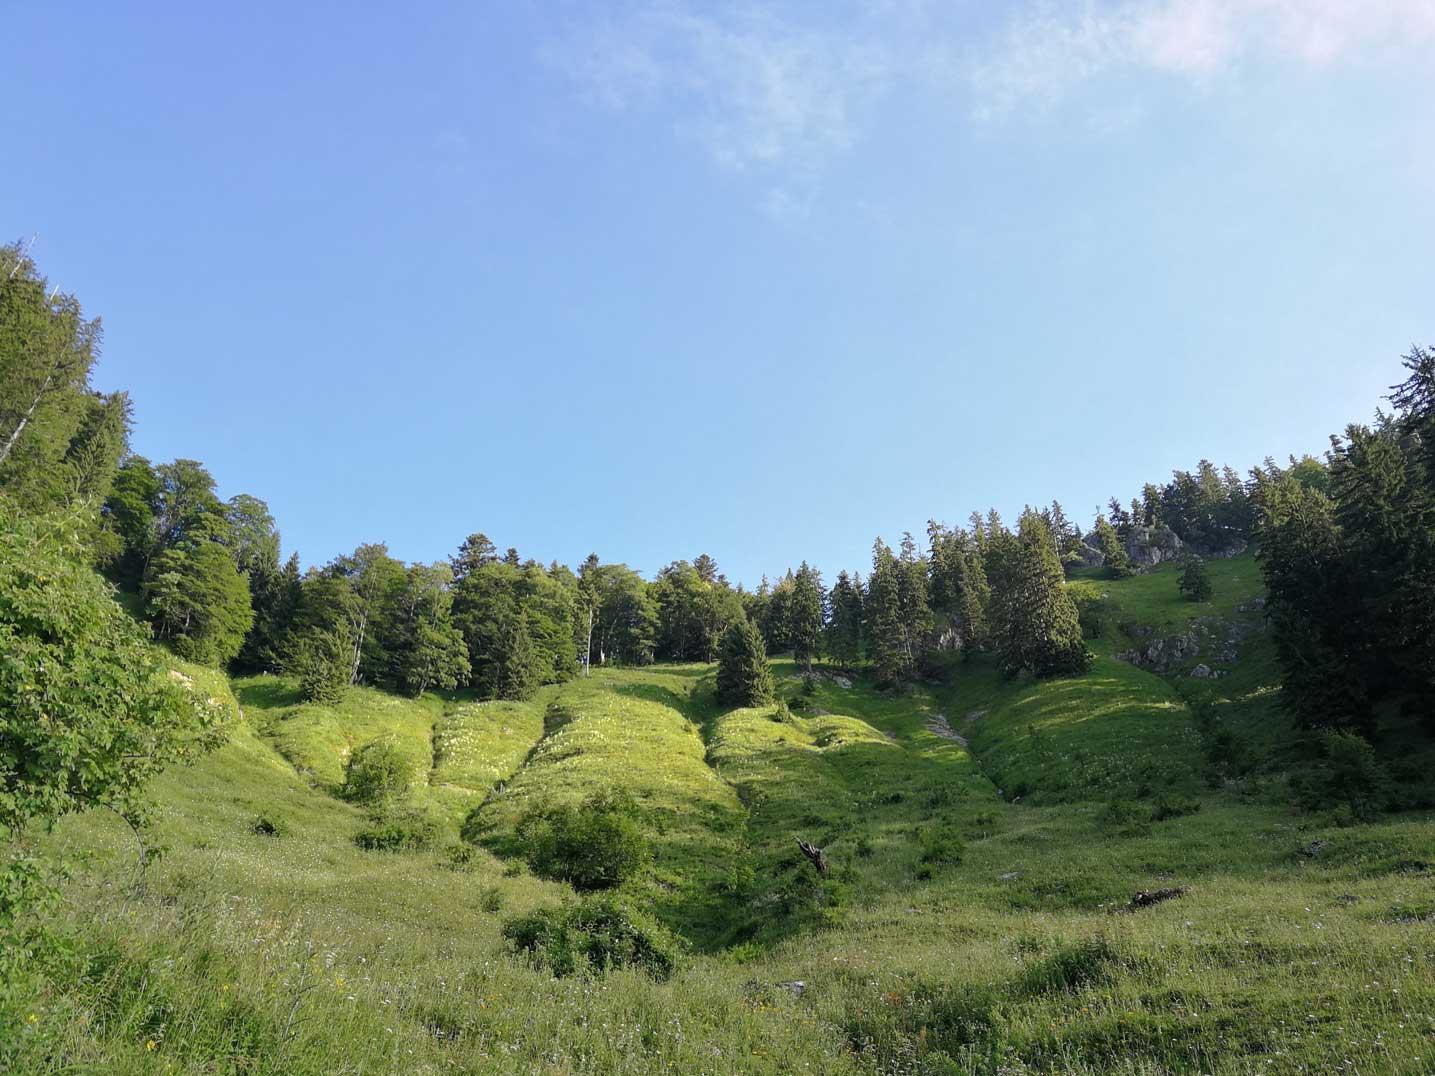 wiese-munichmountaingirls-wandern-groehrkopf-nesslauer-schneid-berge